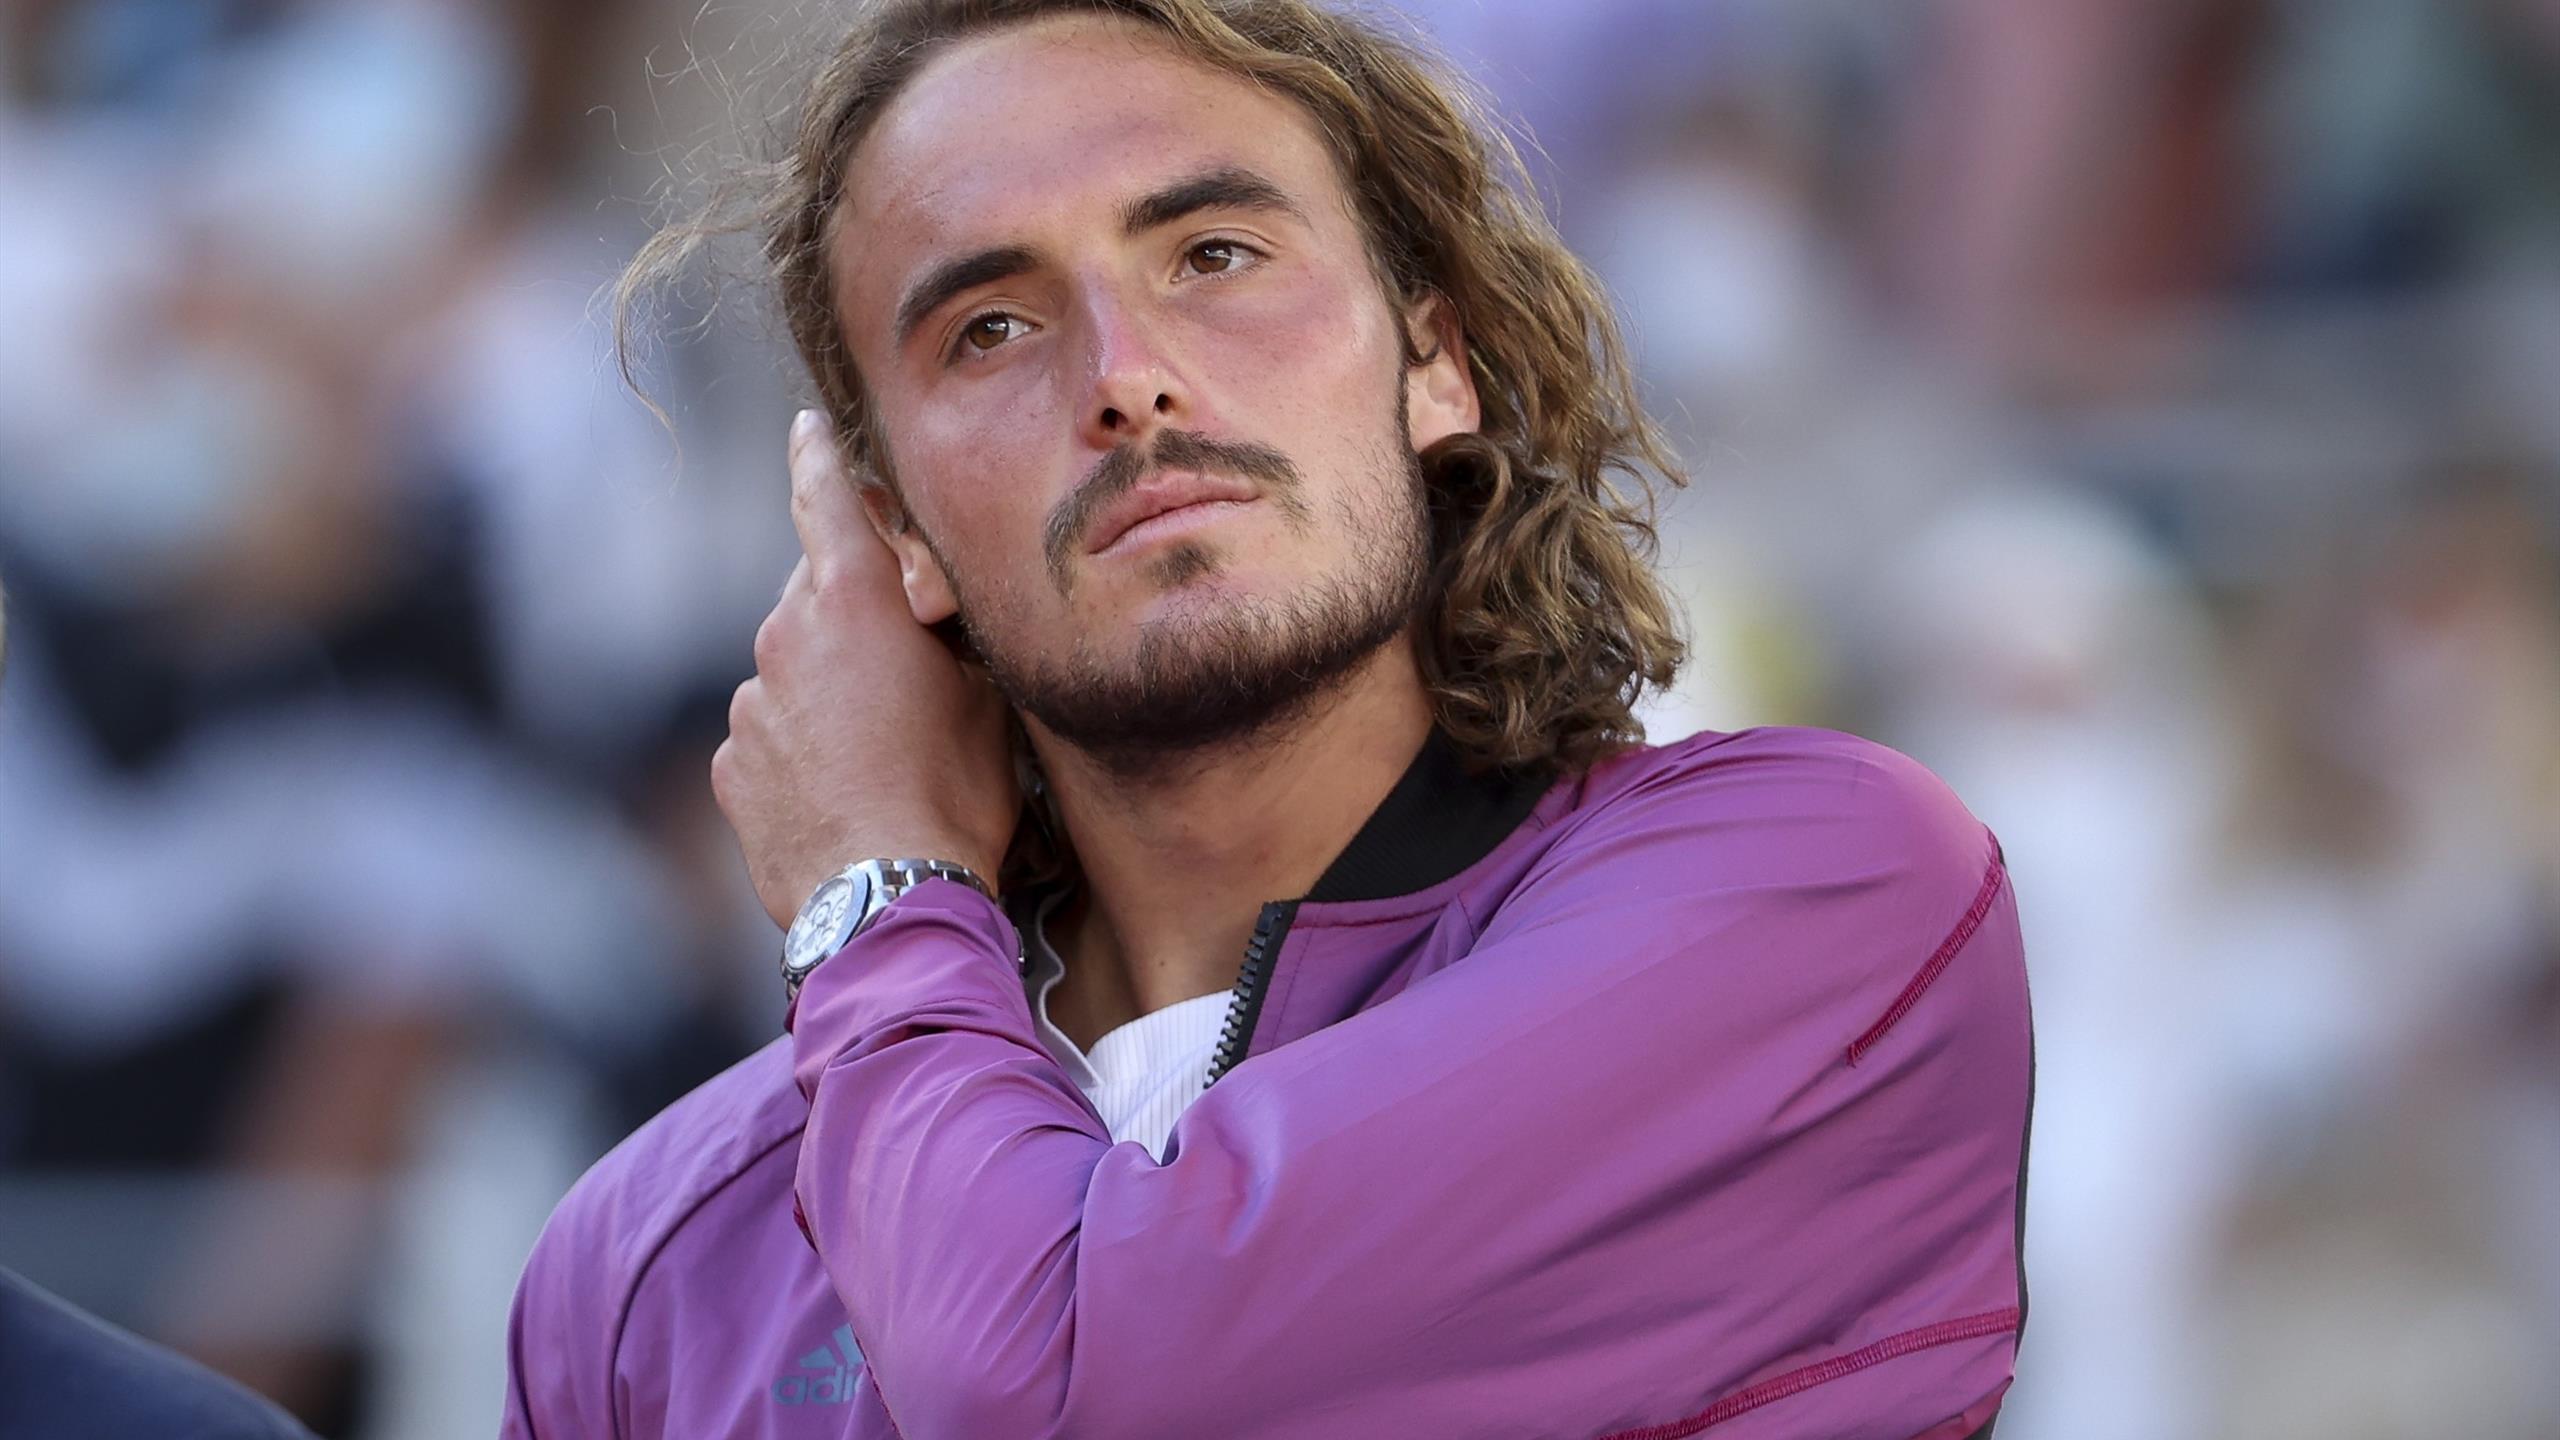 Tennis -Garros : La grand-mère de Stefanos Tsitsipas est décédée juste avant la finale